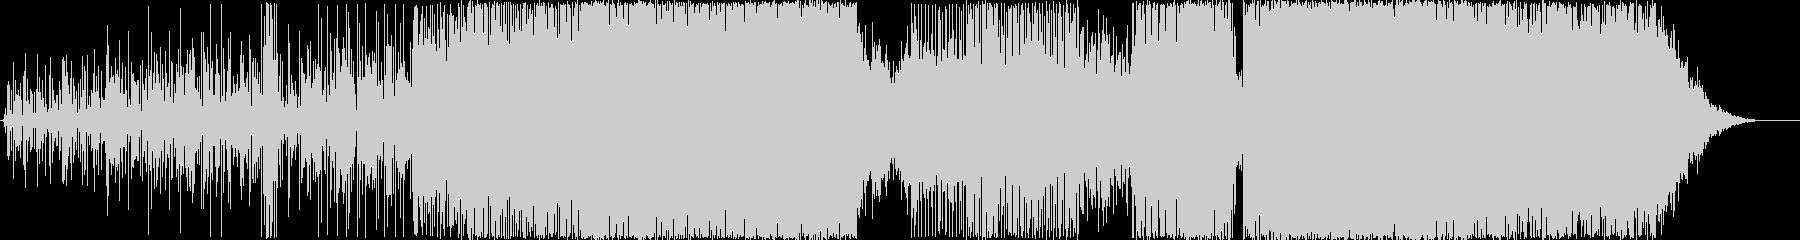 エレクトロハウス。クレッシェンドと...の未再生の波形